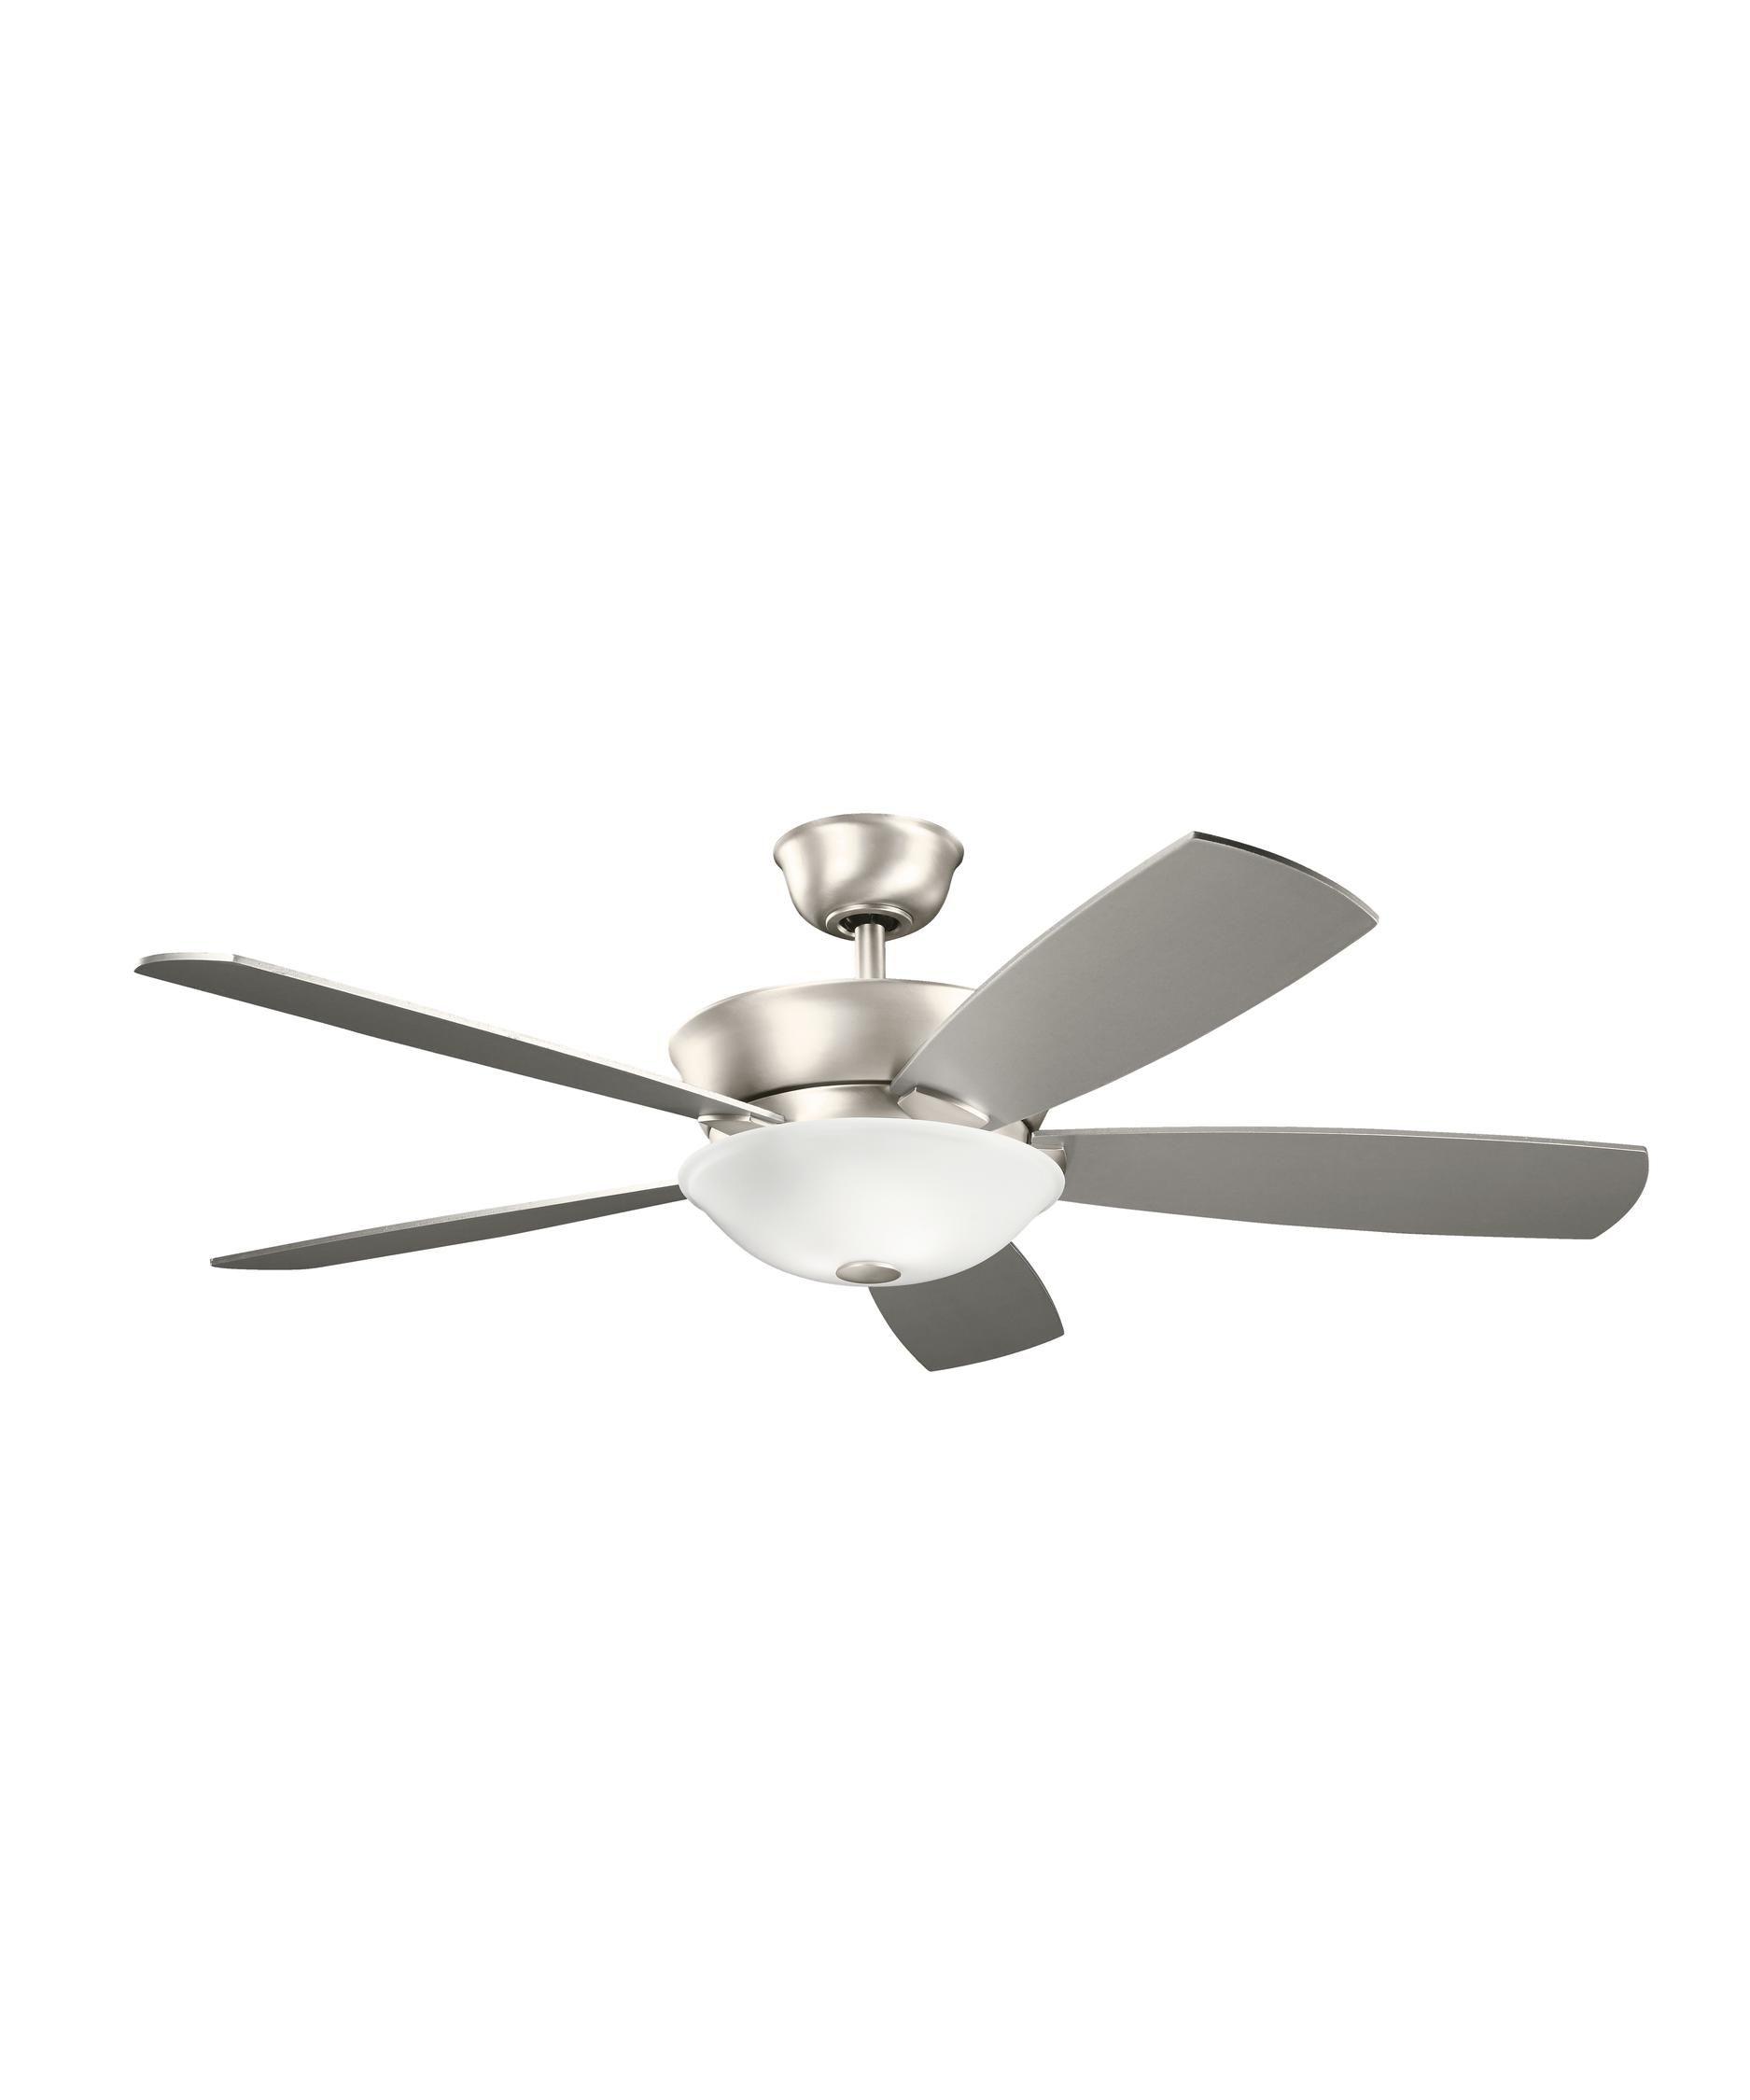 Skye 54 Inch Ceiling Fan with Light Kit by Kichler ...